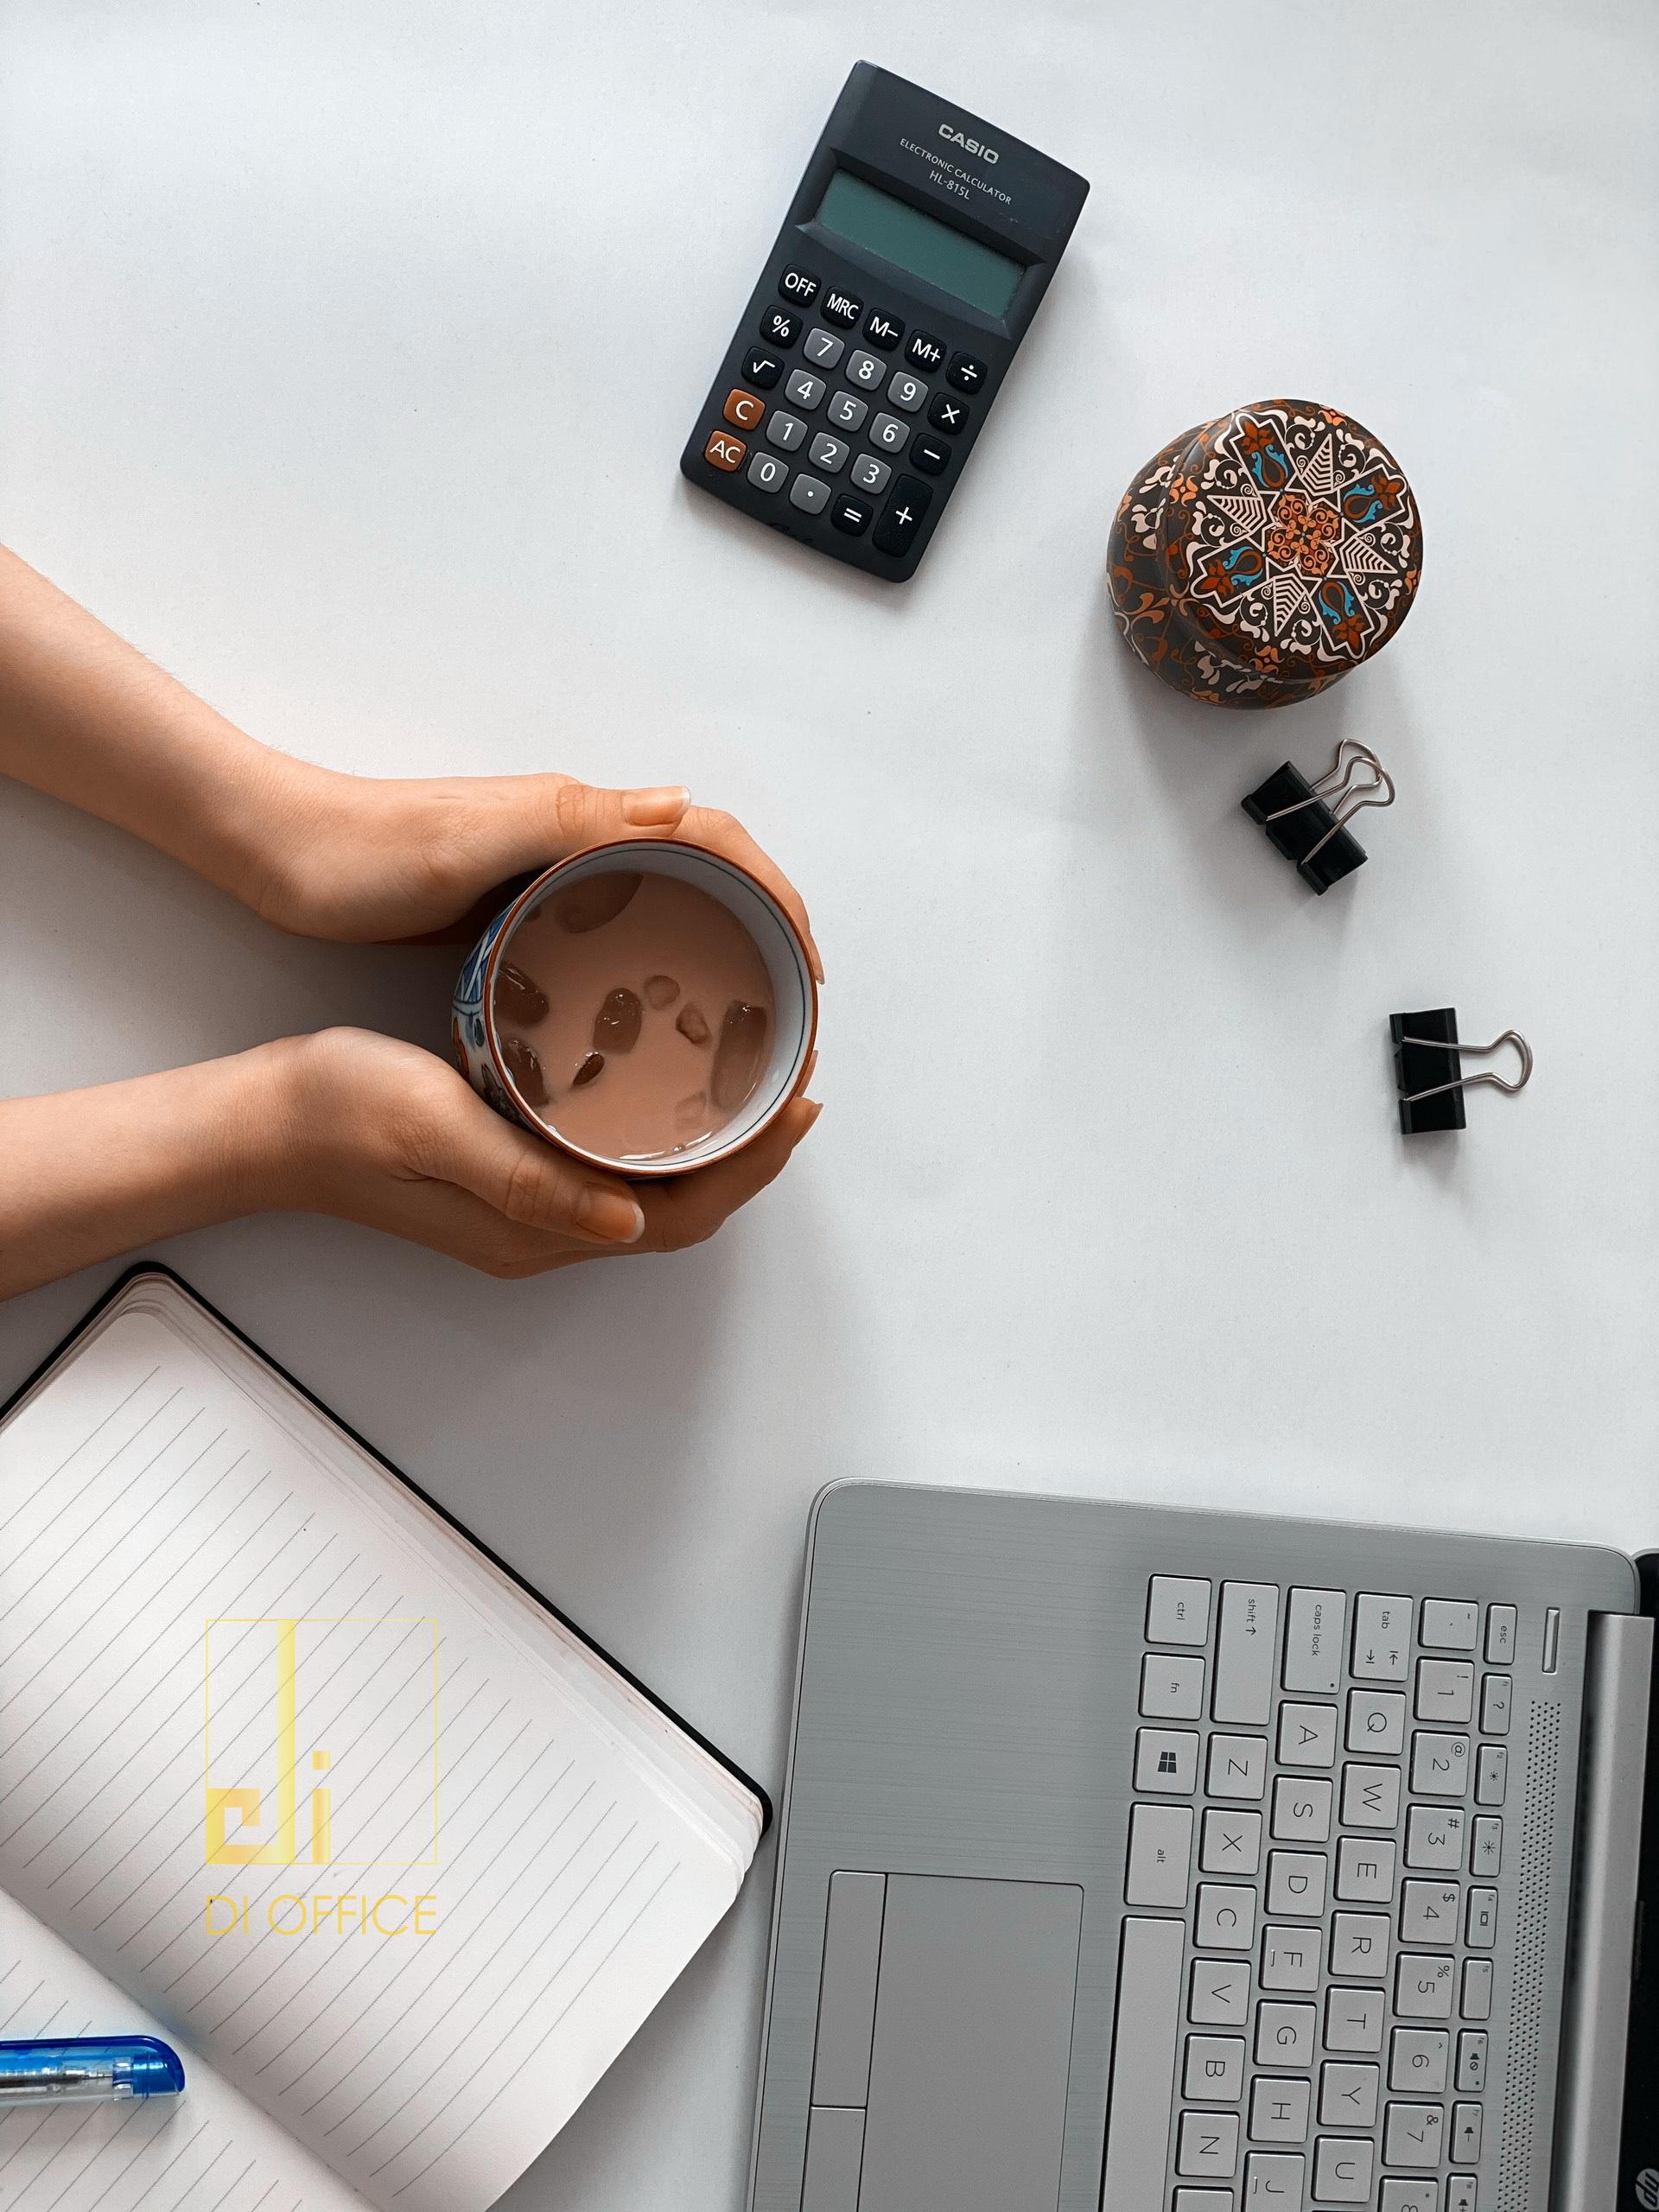 Quy trình lập hồ sơ và các lưu ý khi đấu thầu mua sắm hàng hoá